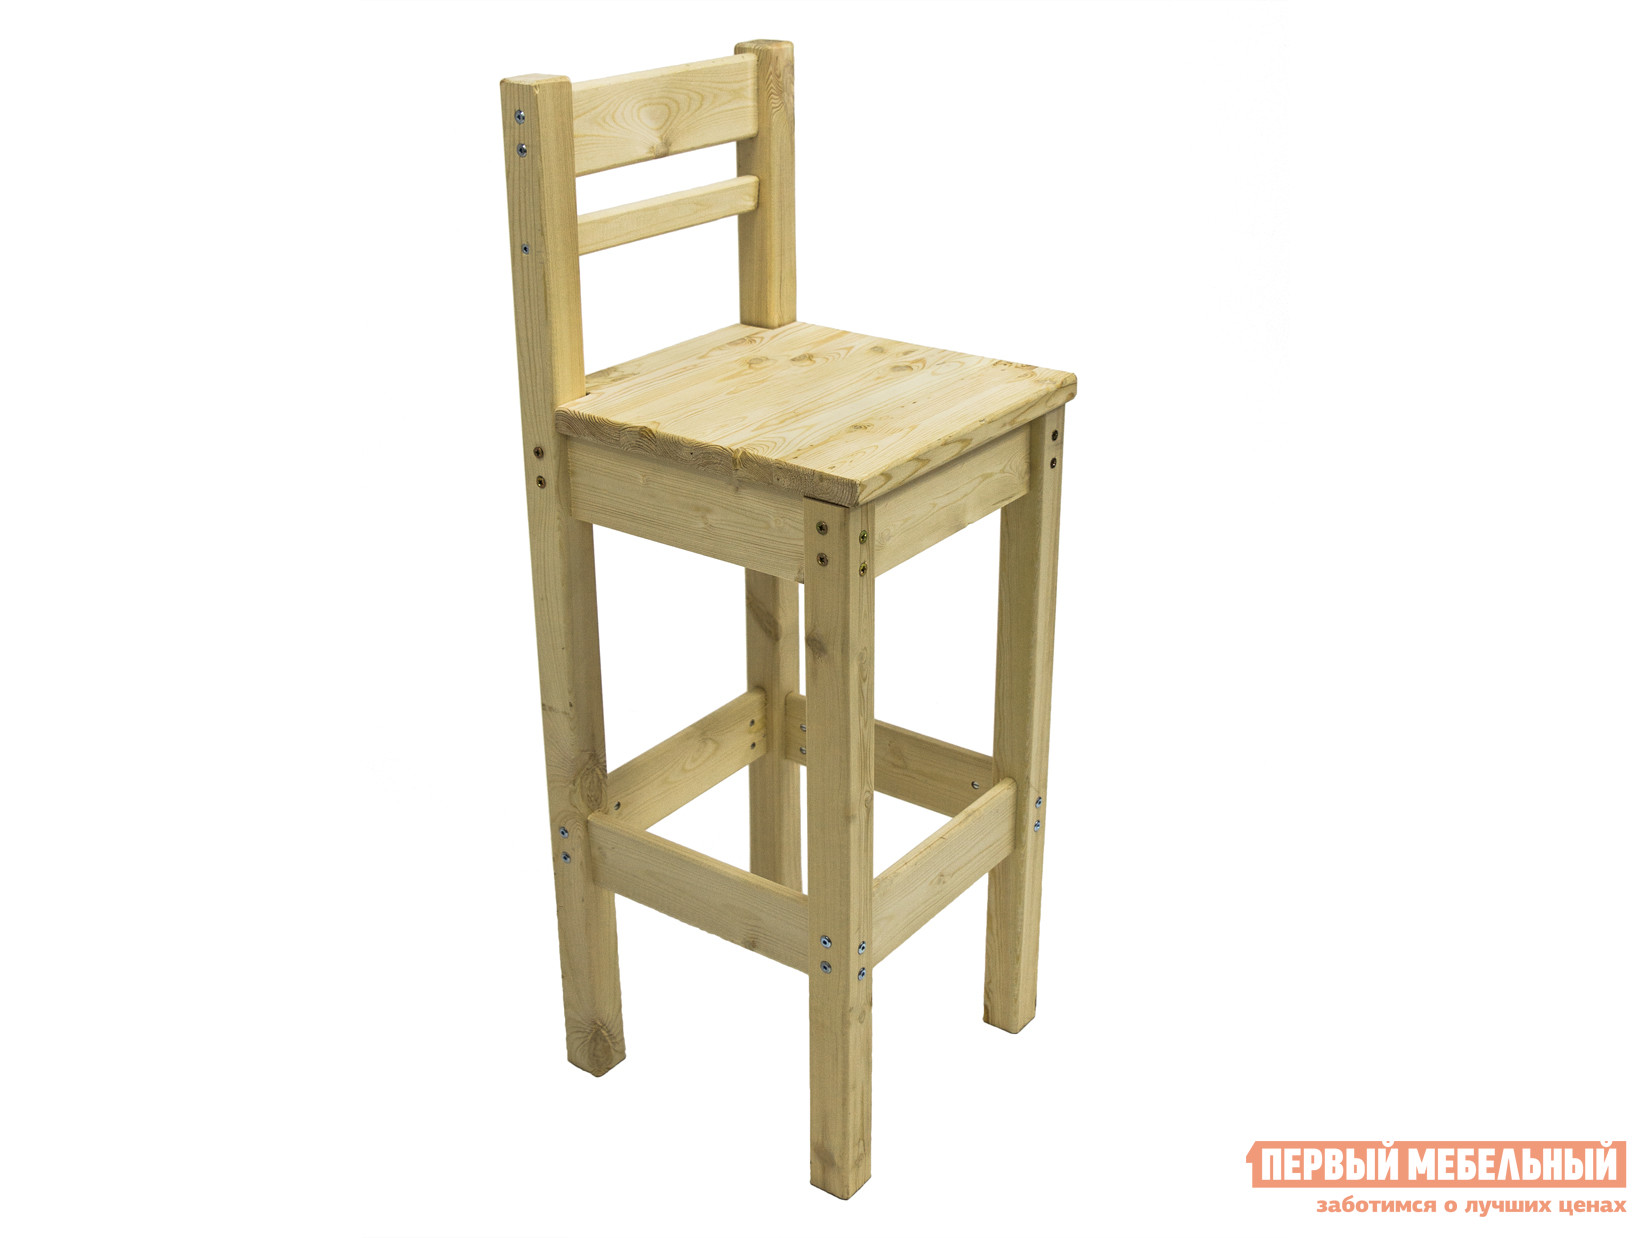 Барный стул Green Mebel Барный стул с высокой спинкой Натуральный